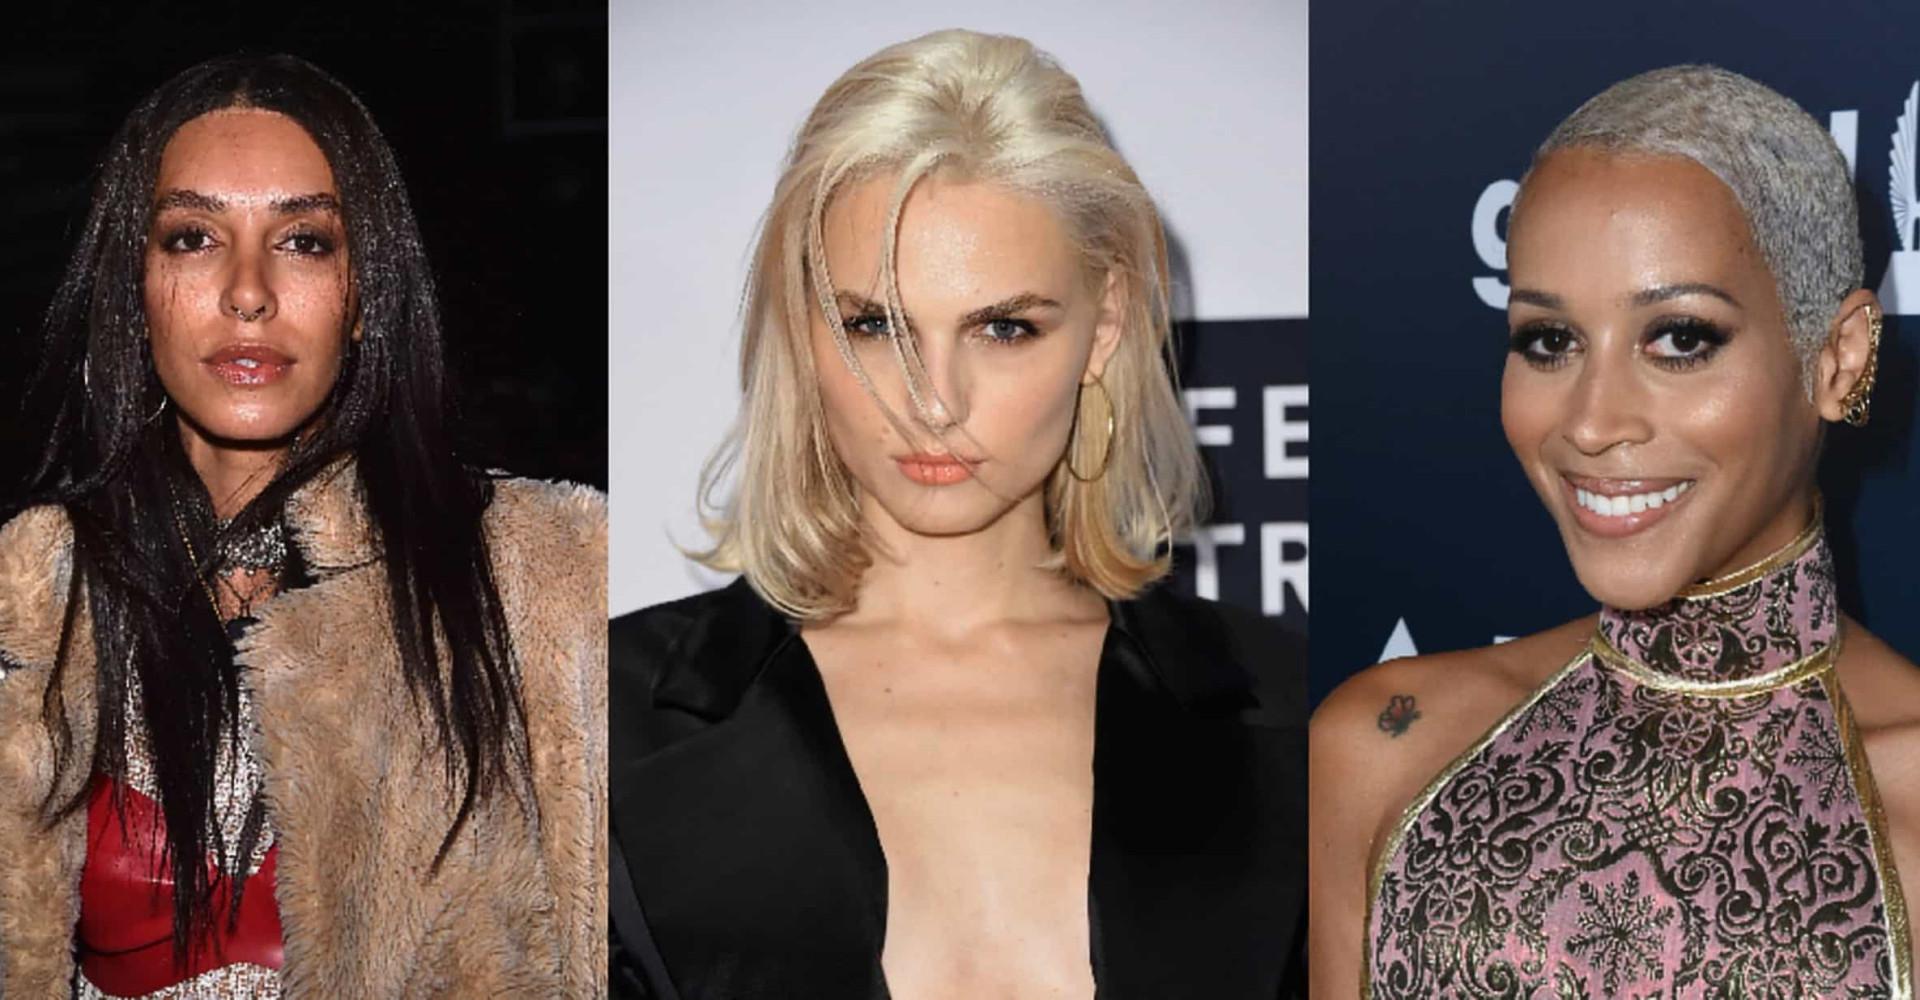 Le modelle transessuali che hanno cambiato il mondo della moda